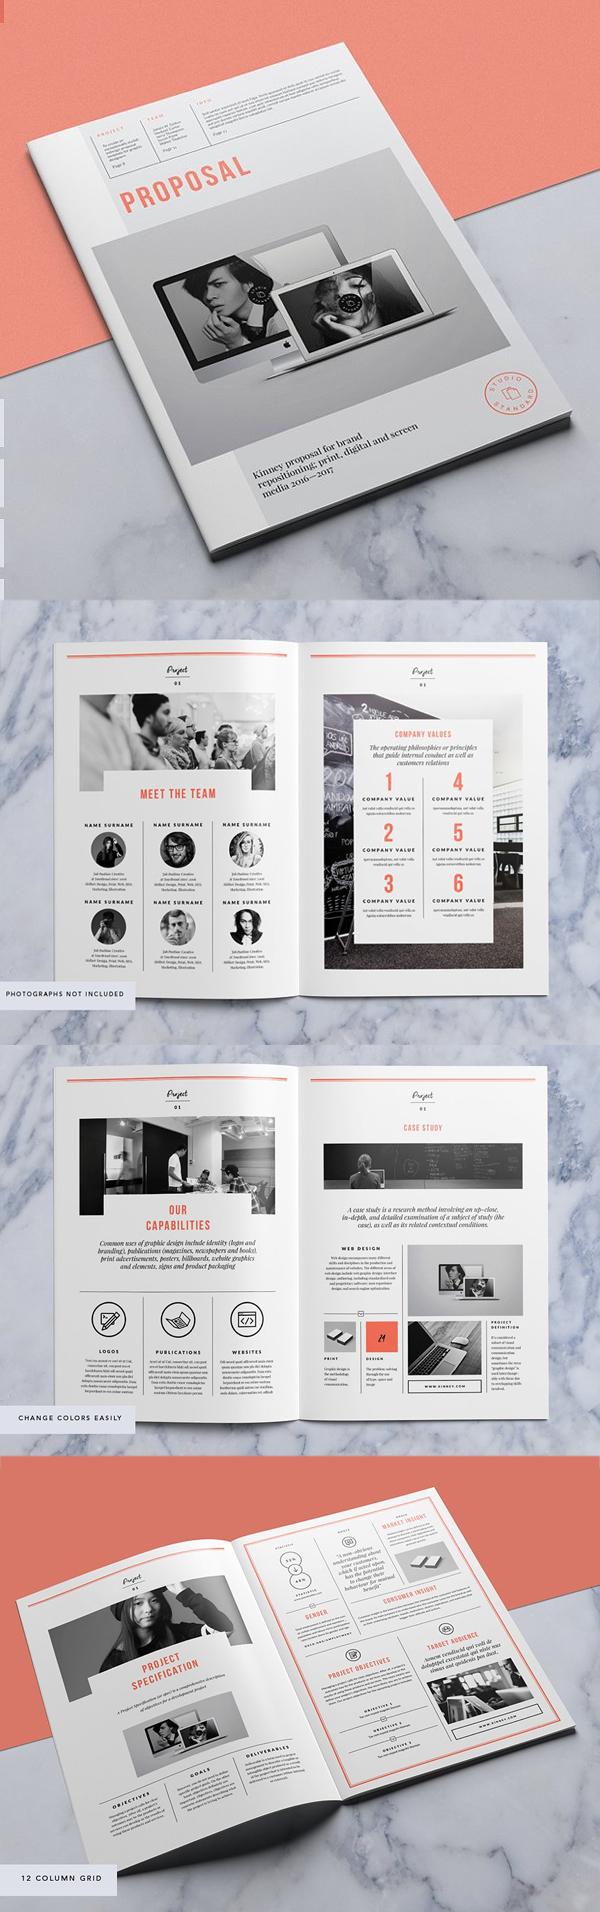 Diseño de mockups de propuesta de negocio profesional - 6